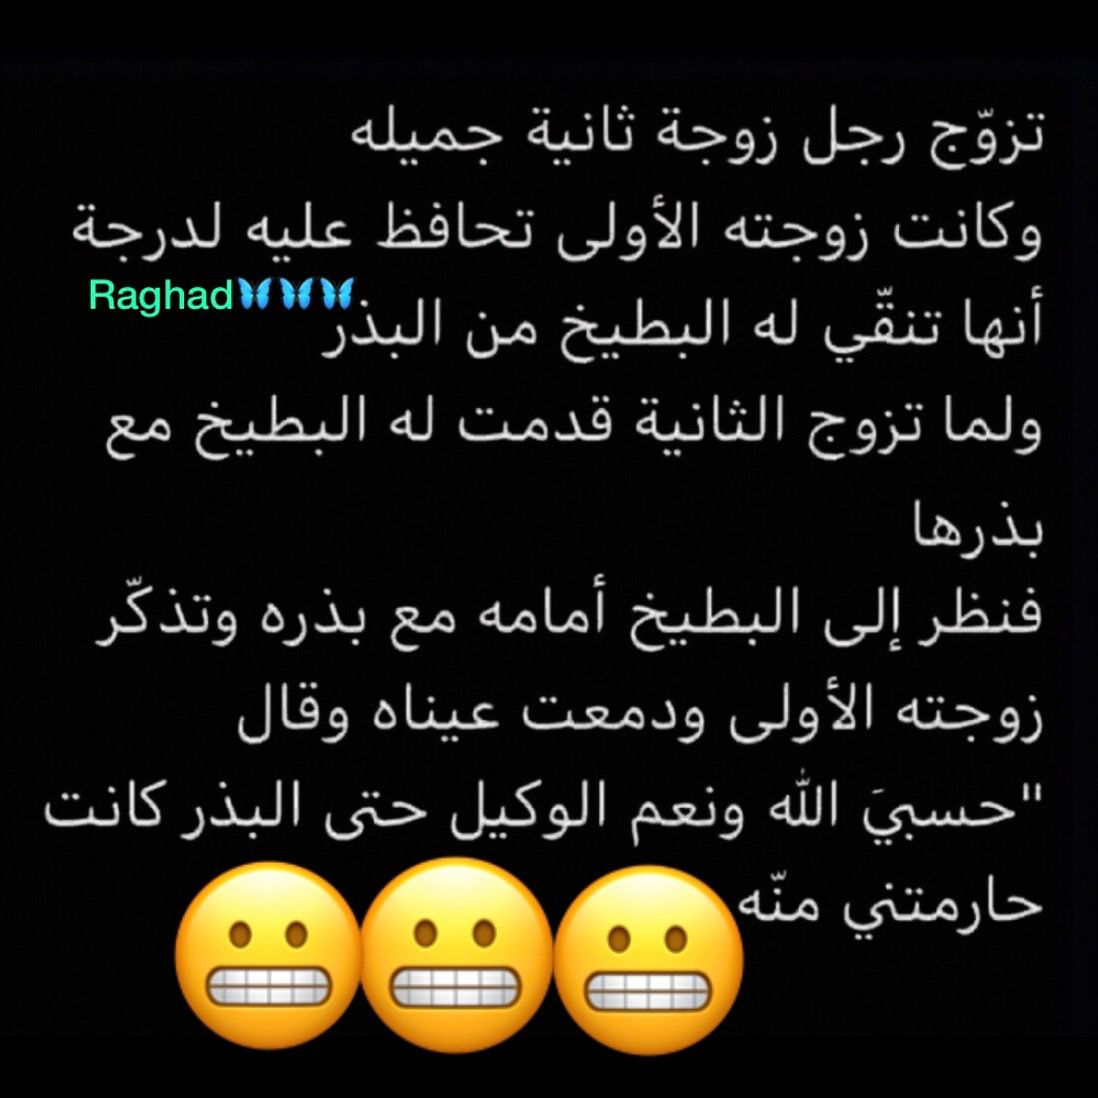 Desertrose حسبي الله ونعم الوكيل عليك من ري ال ما تخاف الله Funny Arabic Quotes Arabic Funny Funny Moments